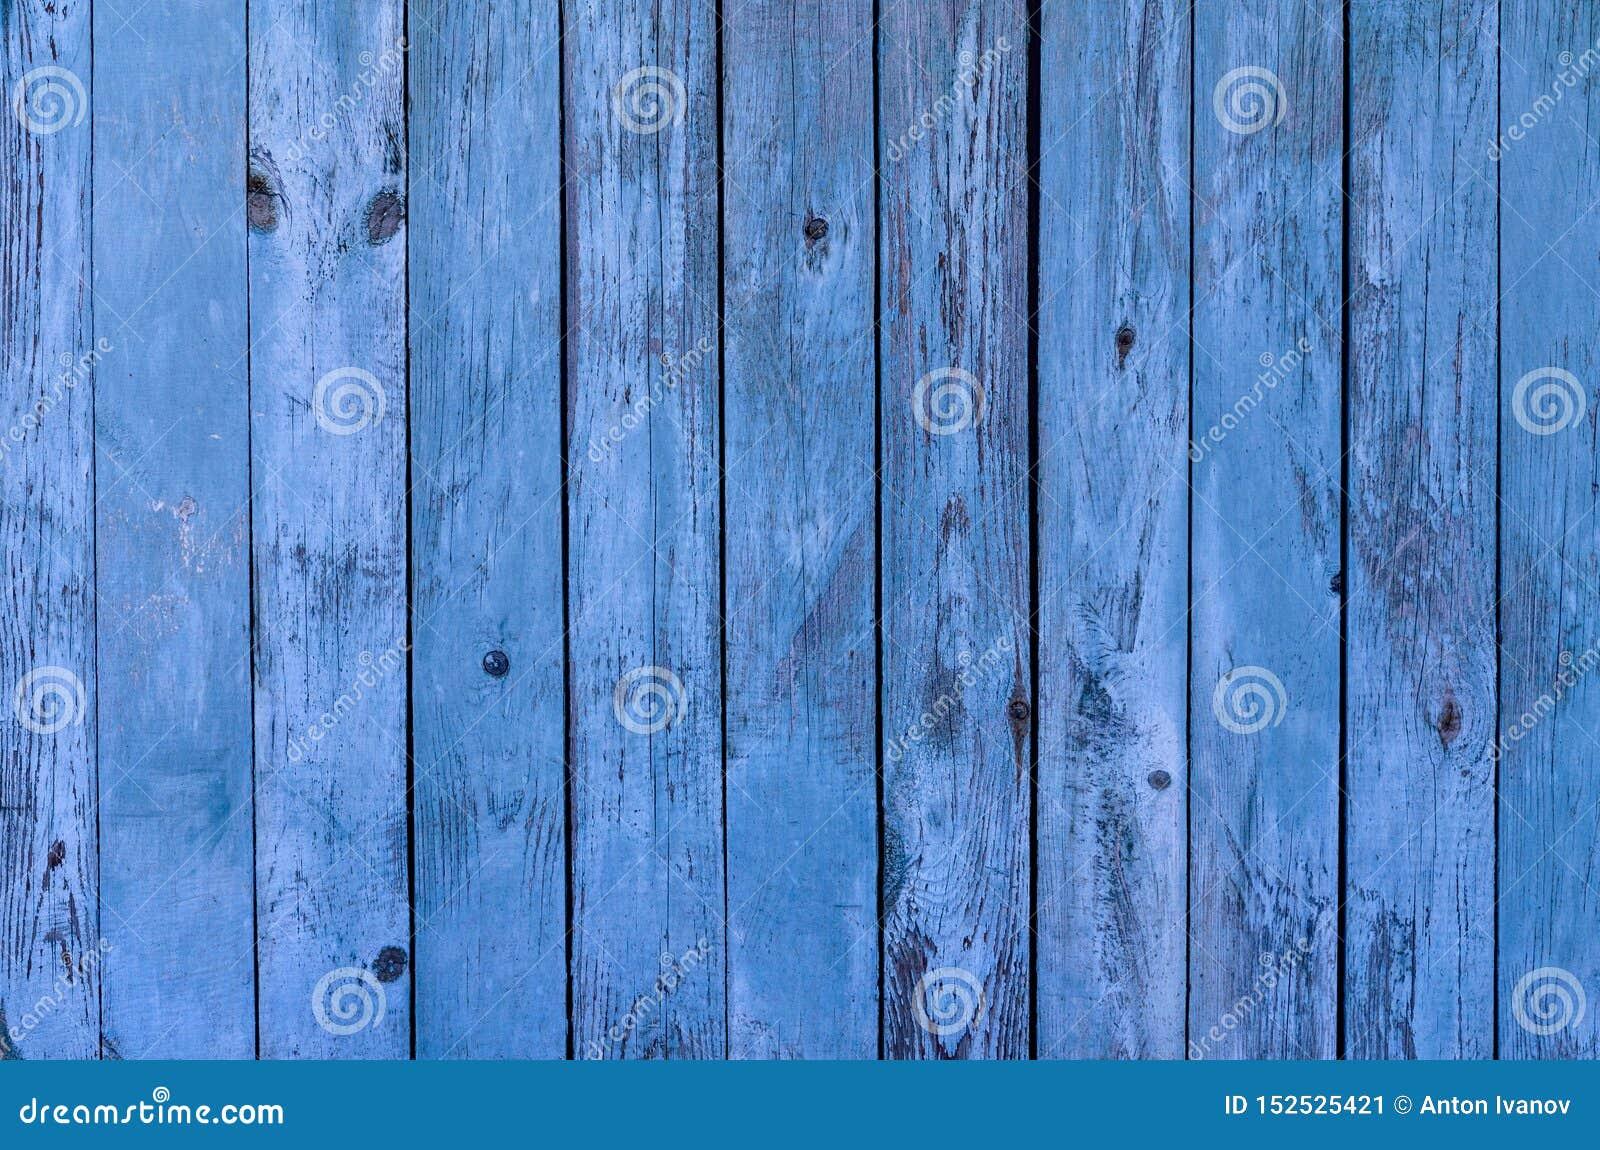 Die hölzerne Hintergrundbeschaffenheit des blauen rustikalen Brettes